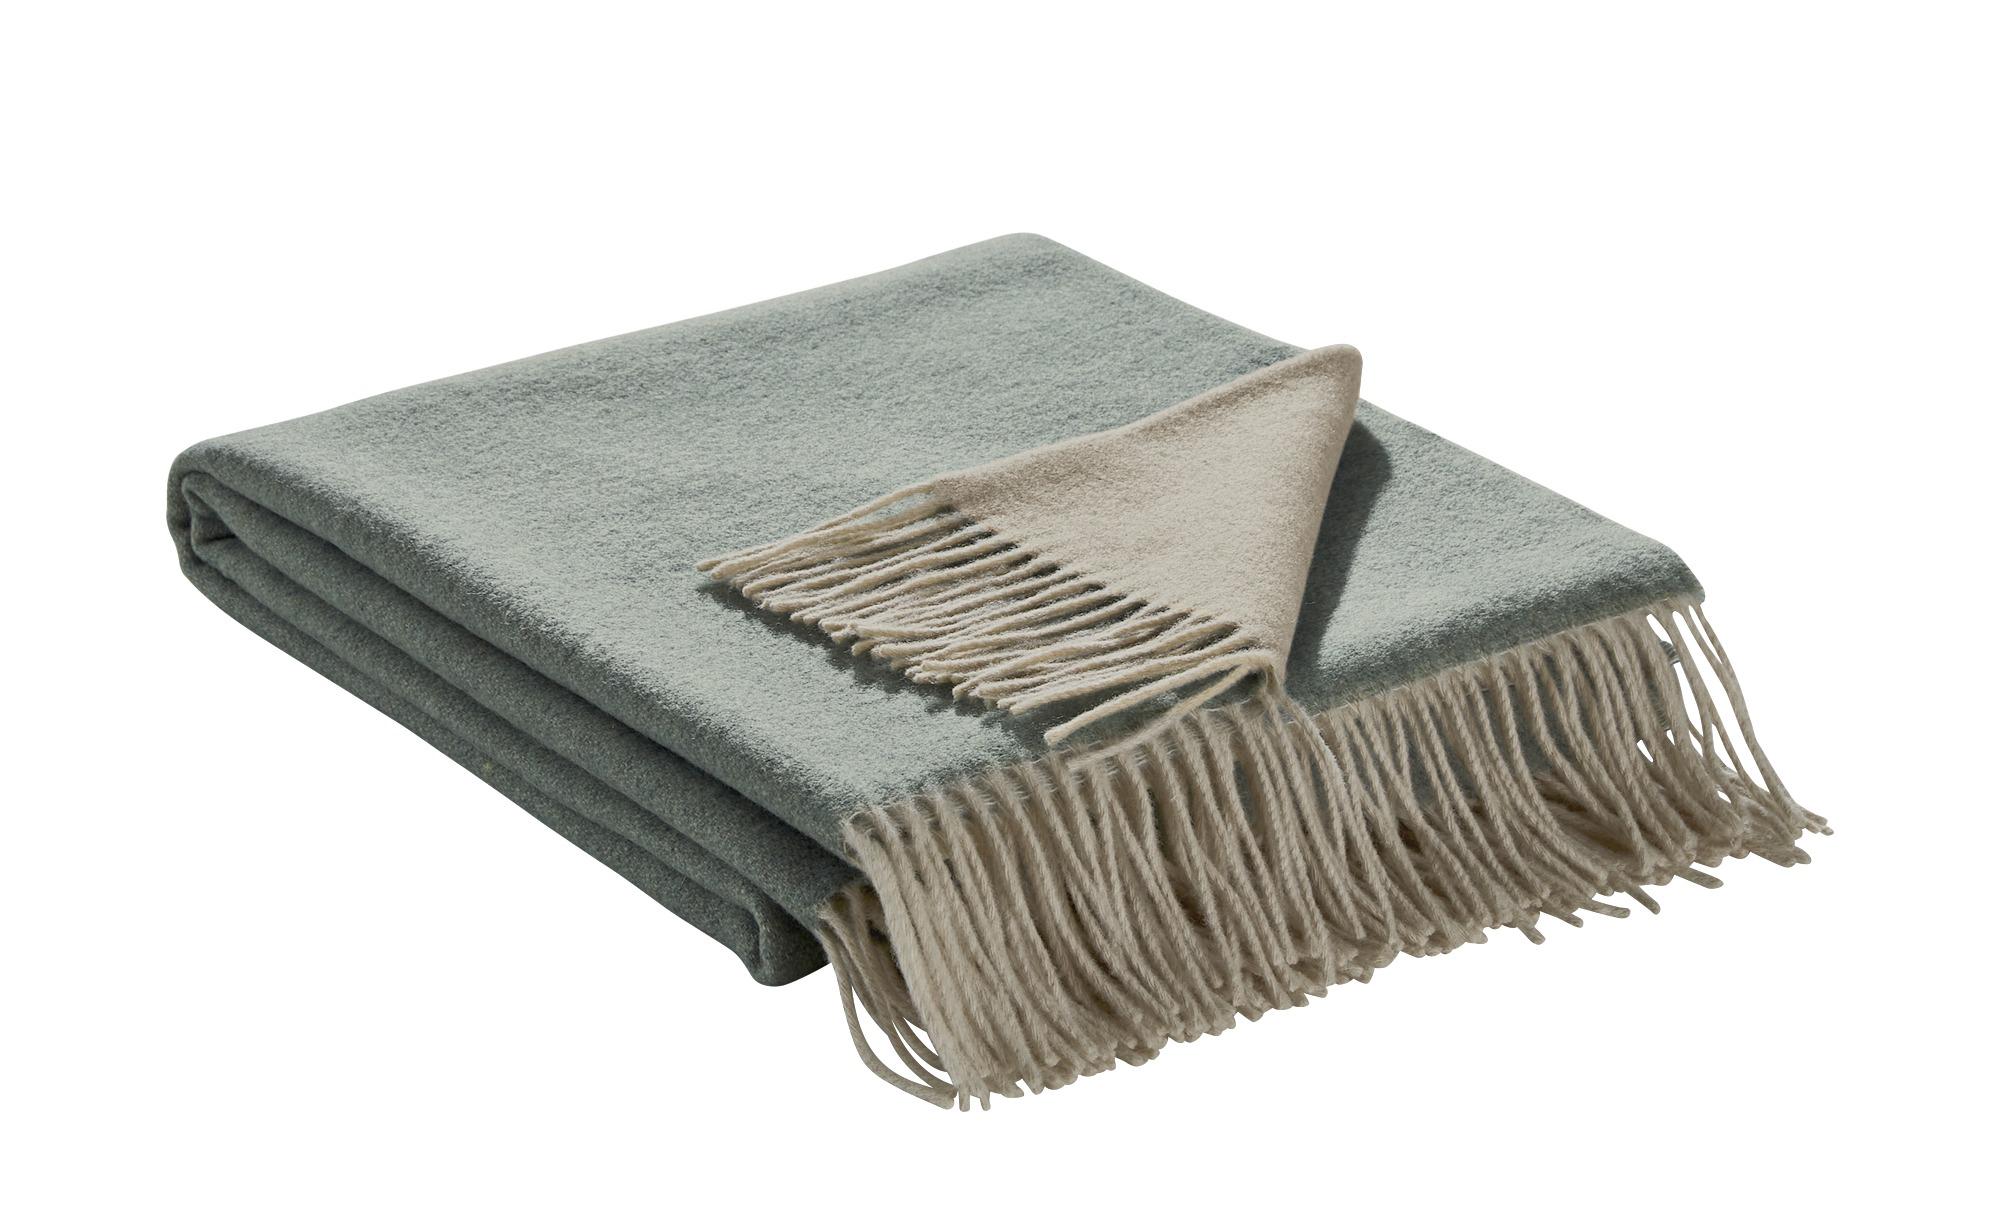 Biederlack Plaid  Cashmere Plaid - grün - 130 cm - Heimtextilien > Kuscheldecken - Möbel Kraft | Heimtextilien > Decken und Kissen > Tagesdecken und Bettüberwürfe | Cashmere | Biederlack